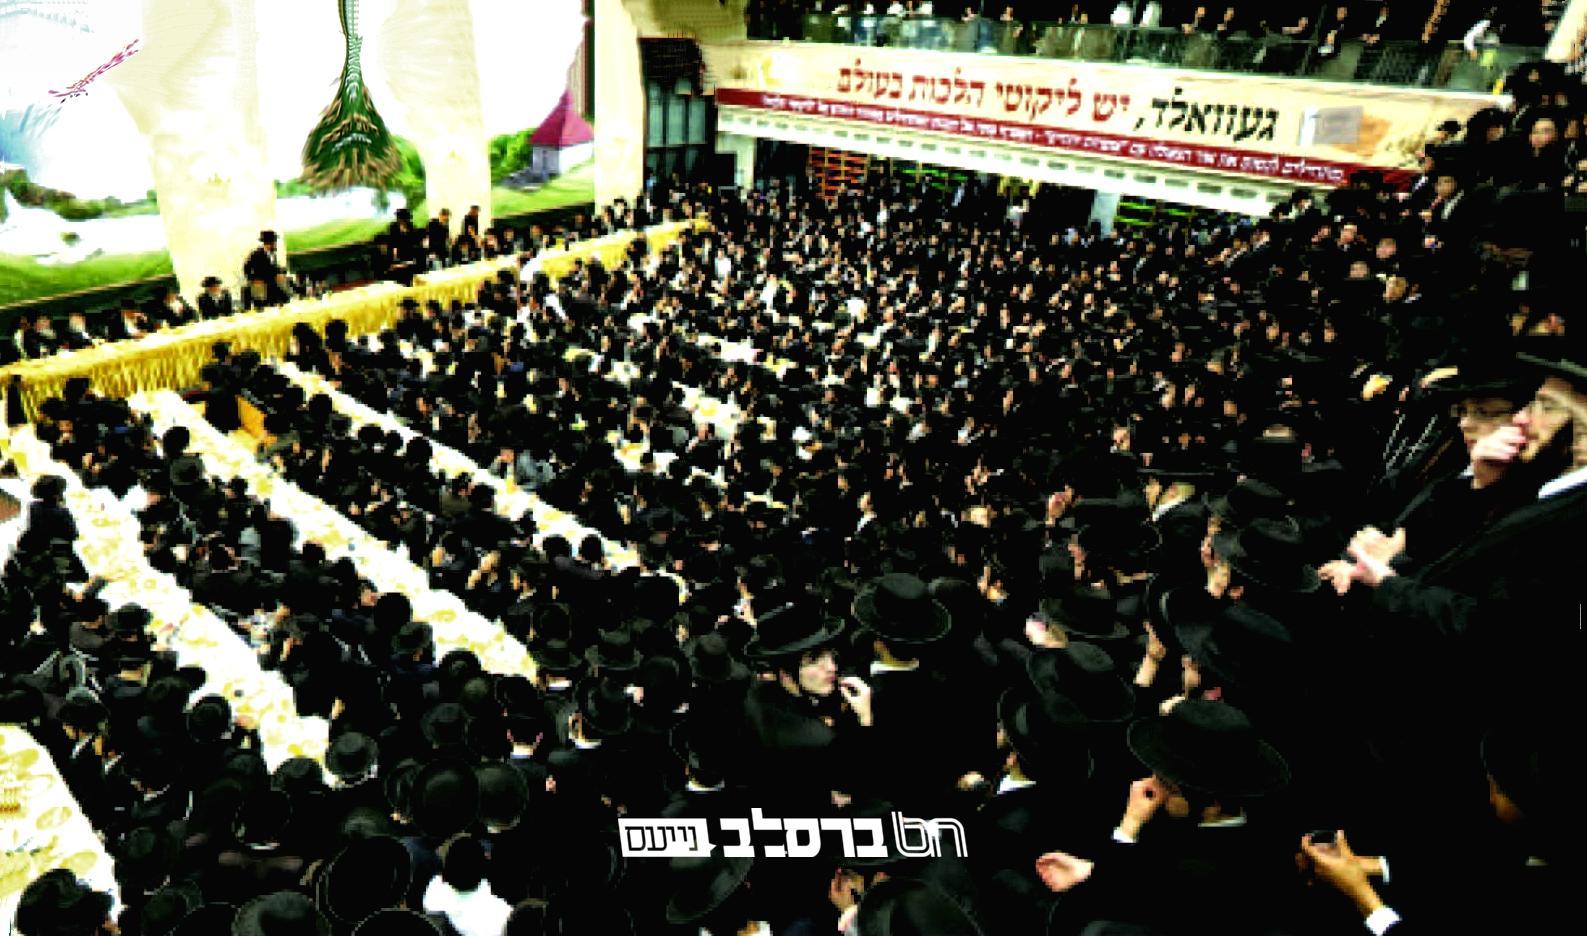 """ירושלים • מורשת הנחל: הכונו למעמד סיום והתחלת הספה""""ק """"ליקוטי הלכות"""" • הפרטים"""